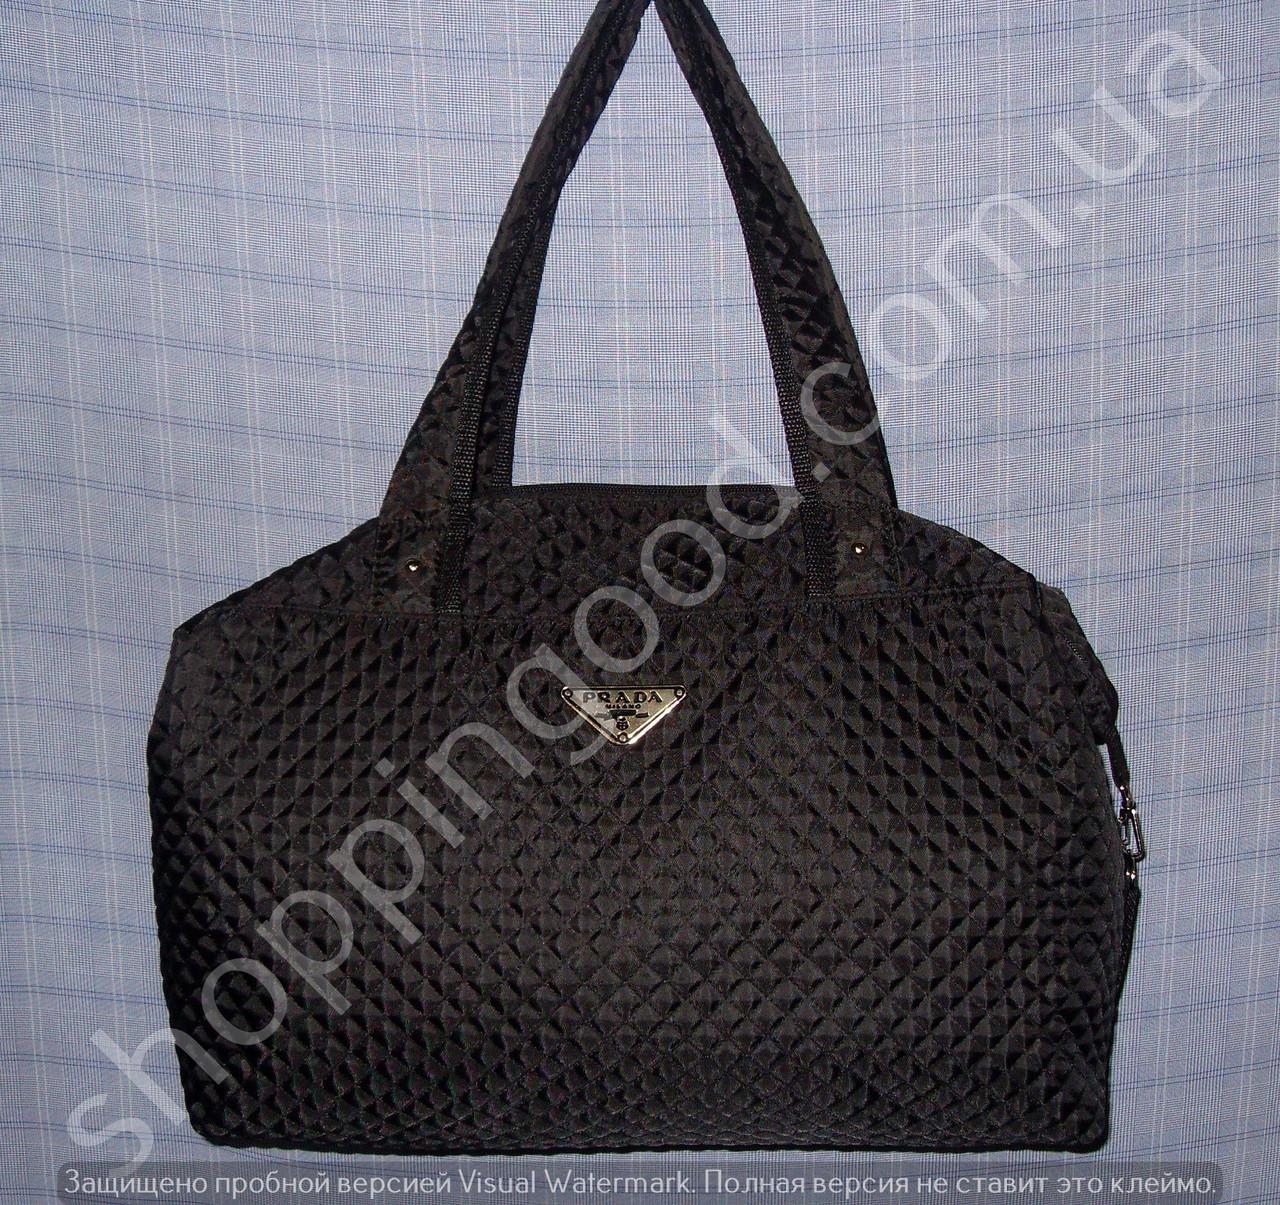 21cbfa2f6bd5 Женская сумка Prada 013566 черная спортивная стеганный текстиль копия